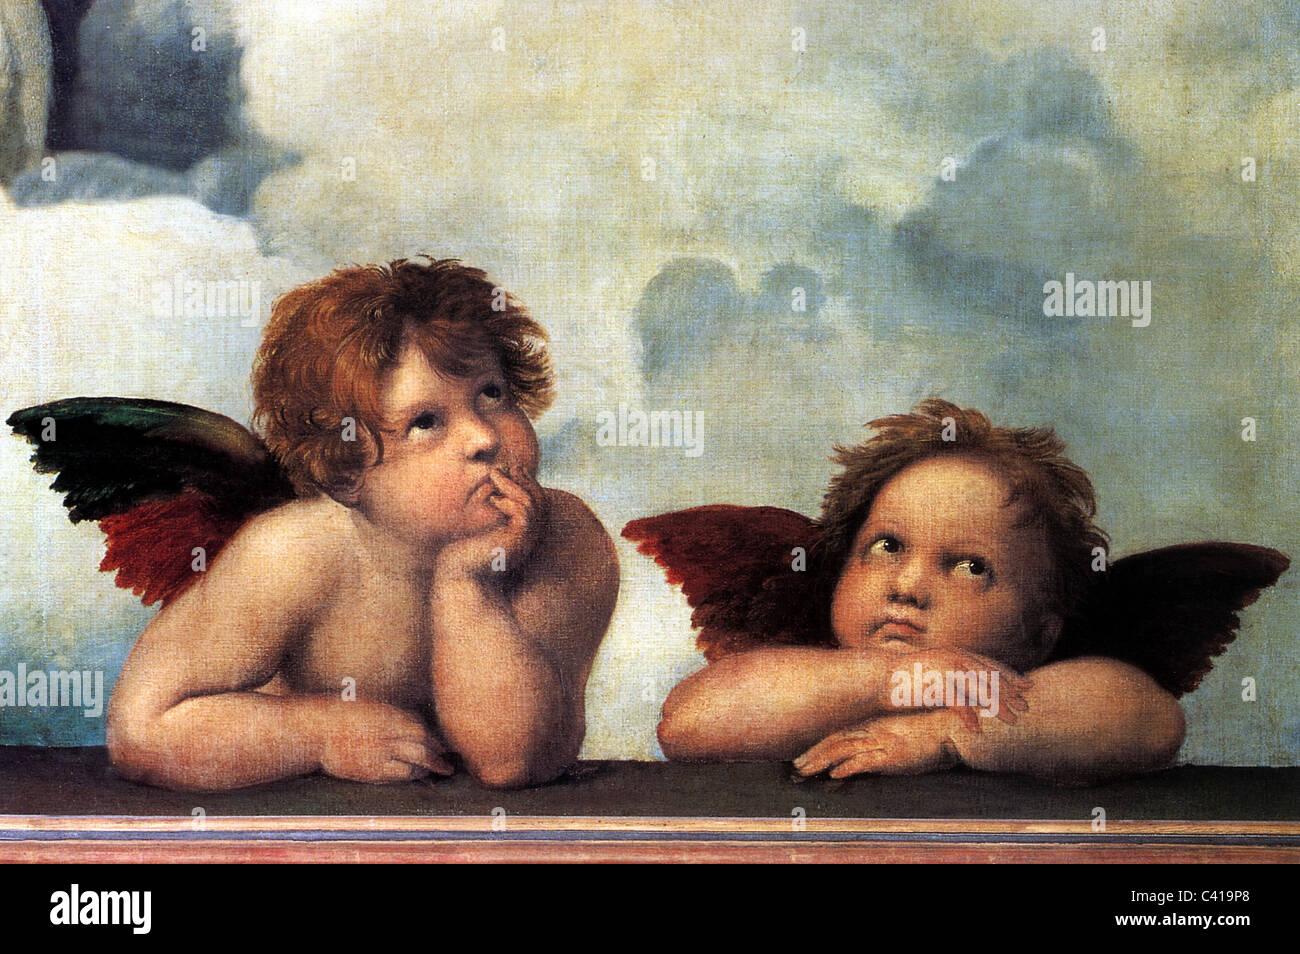 """Bellas artes, Raphael, Santi: """"Los ángeles de la Madonna Sixtina"""", el detalle de la pintura """"Madonna istine', 1512/1513, Foto de stock"""